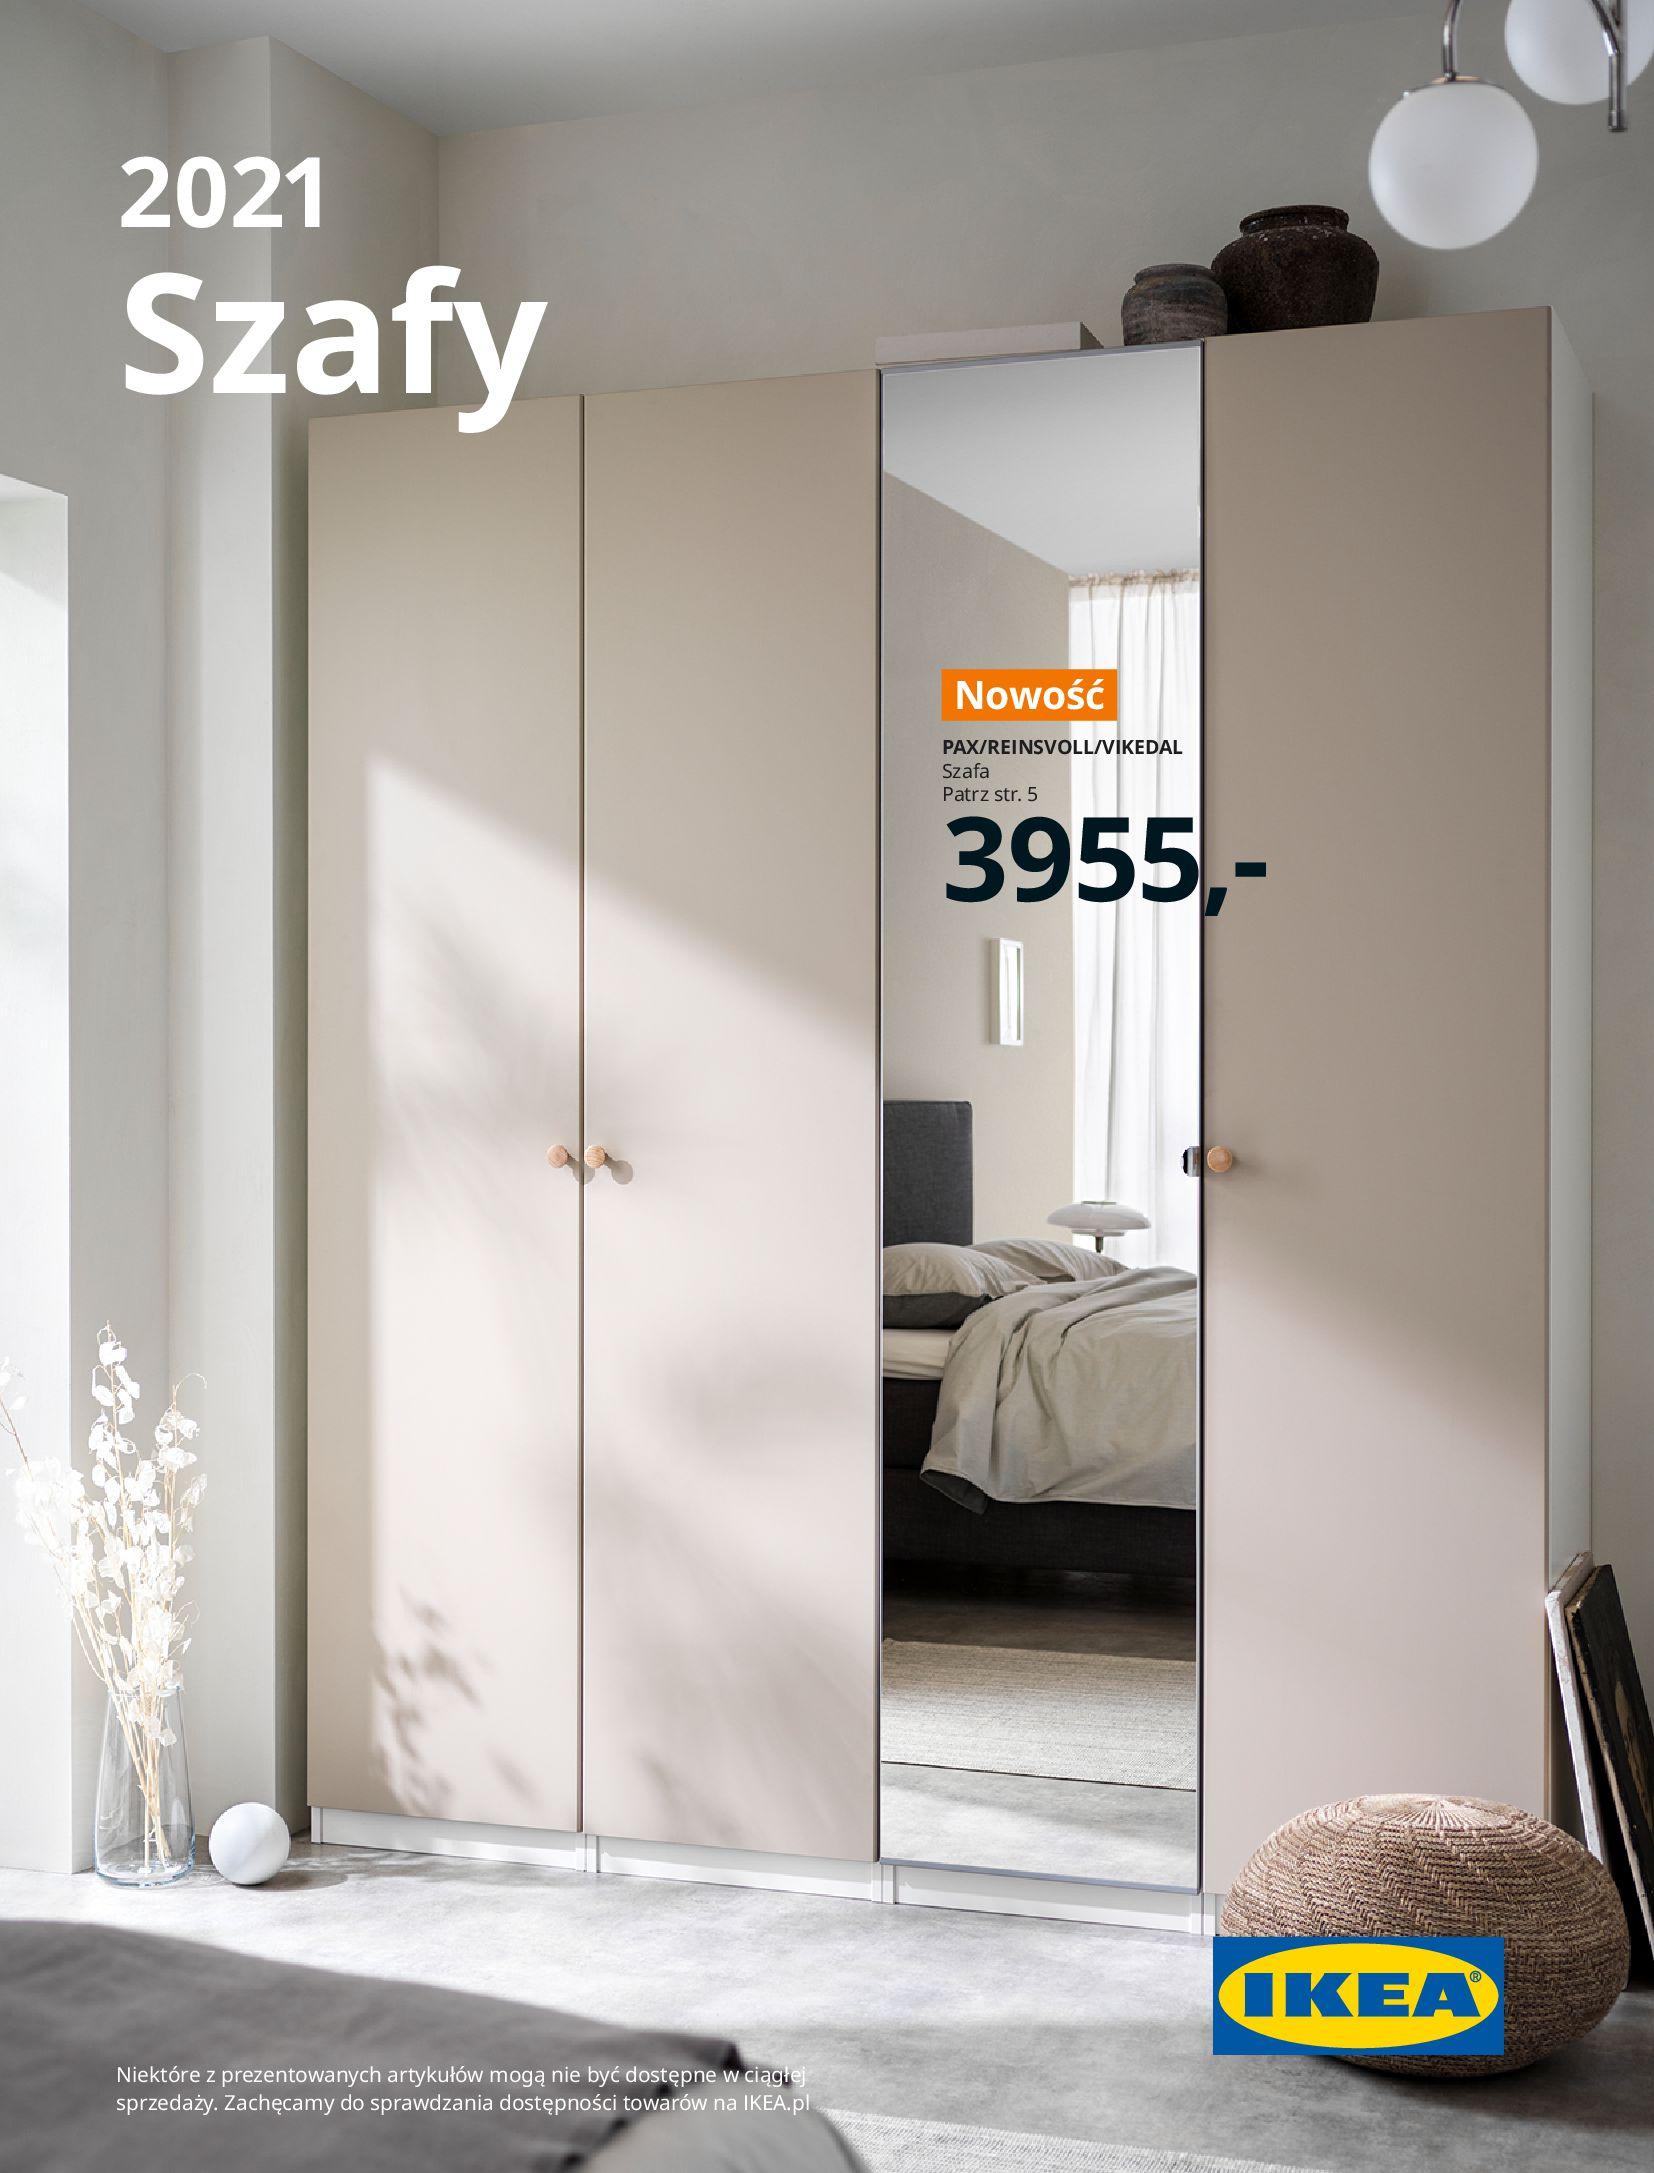 IKEA:  SZAFY 2021 12.01.2021